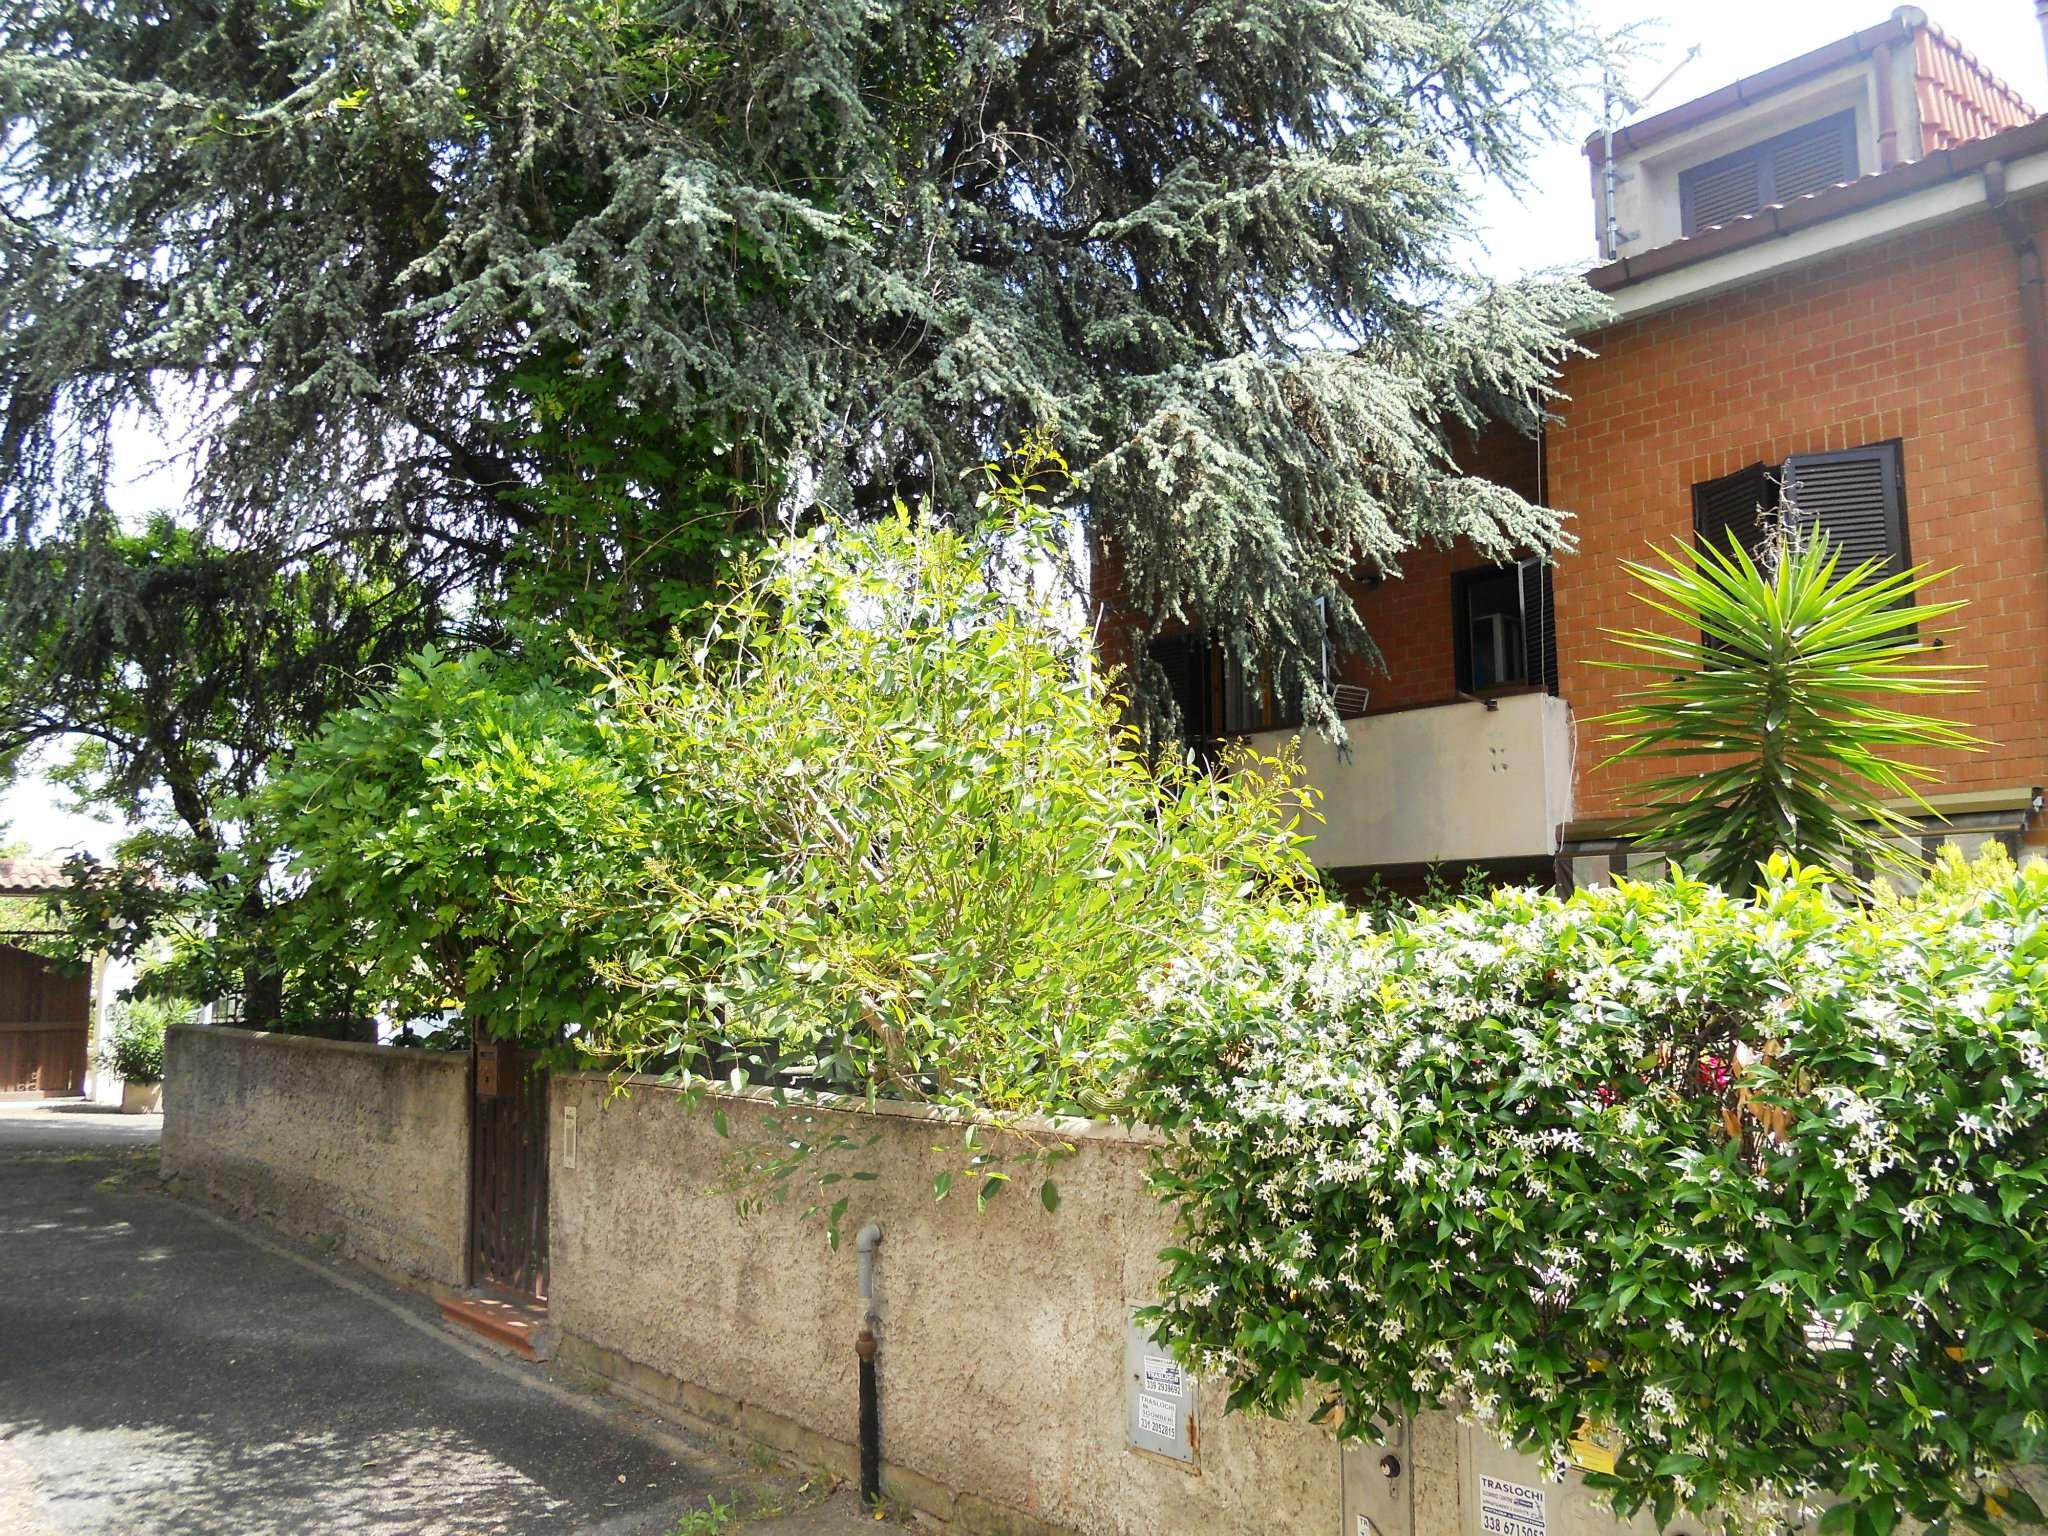 Villa in vendita a Guidonia Montecelio, 5 locali, prezzo € 199.000 | CambioCasa.it